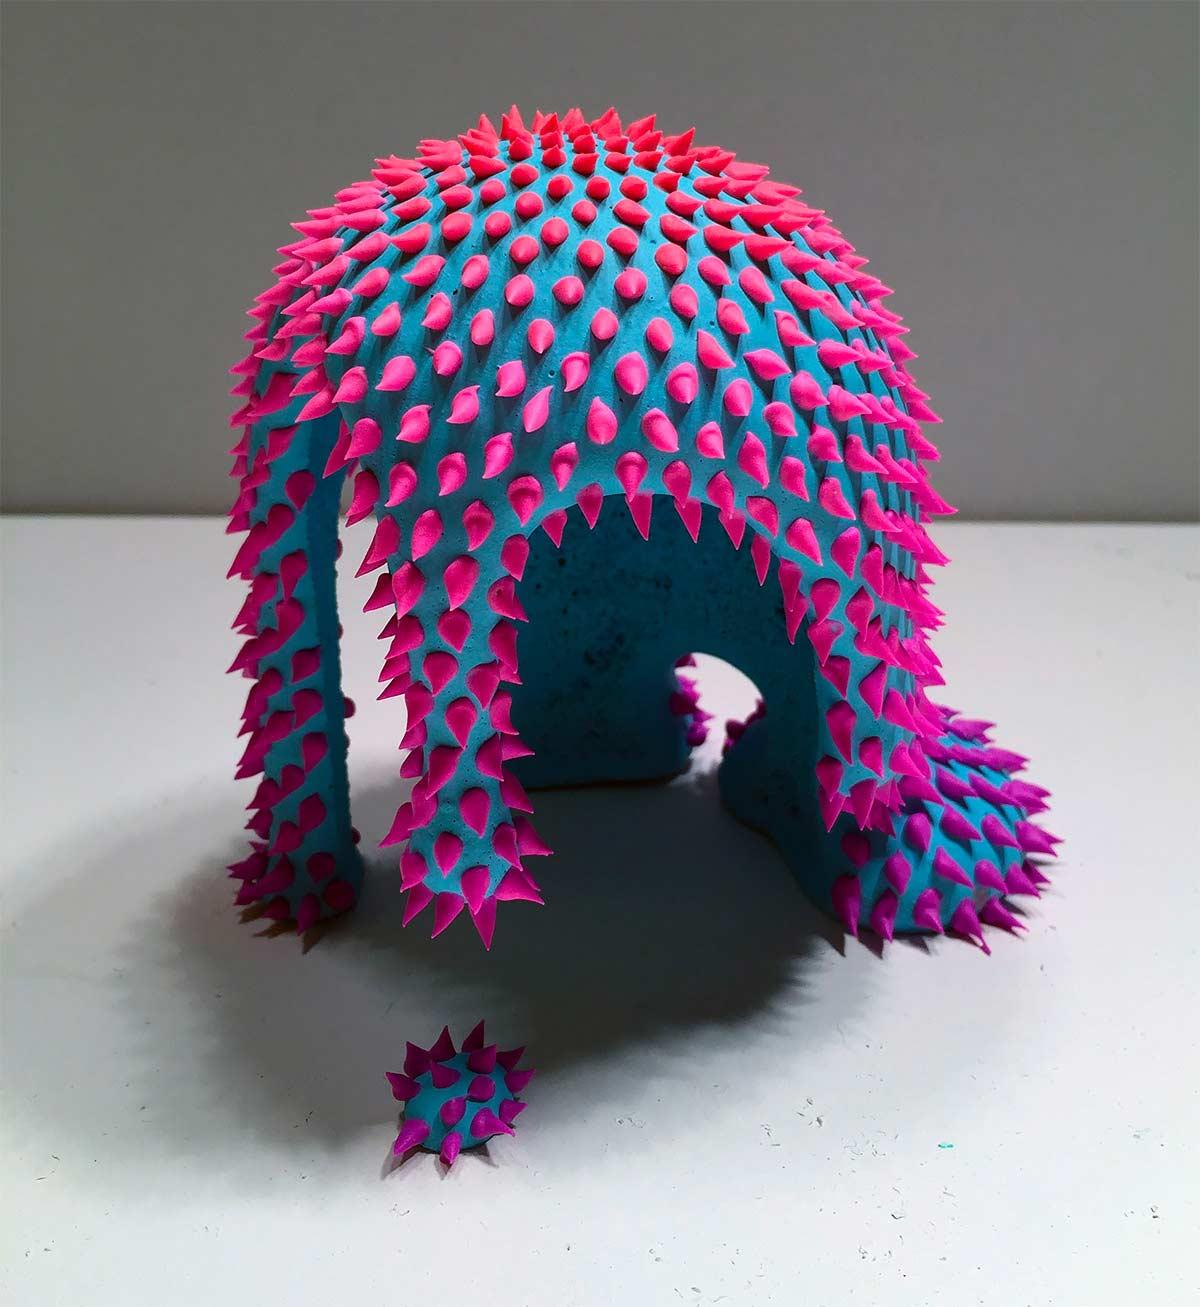 Stachelige Flüssigkeit-Skulpturen Dan-Lam-Skulpturen_02